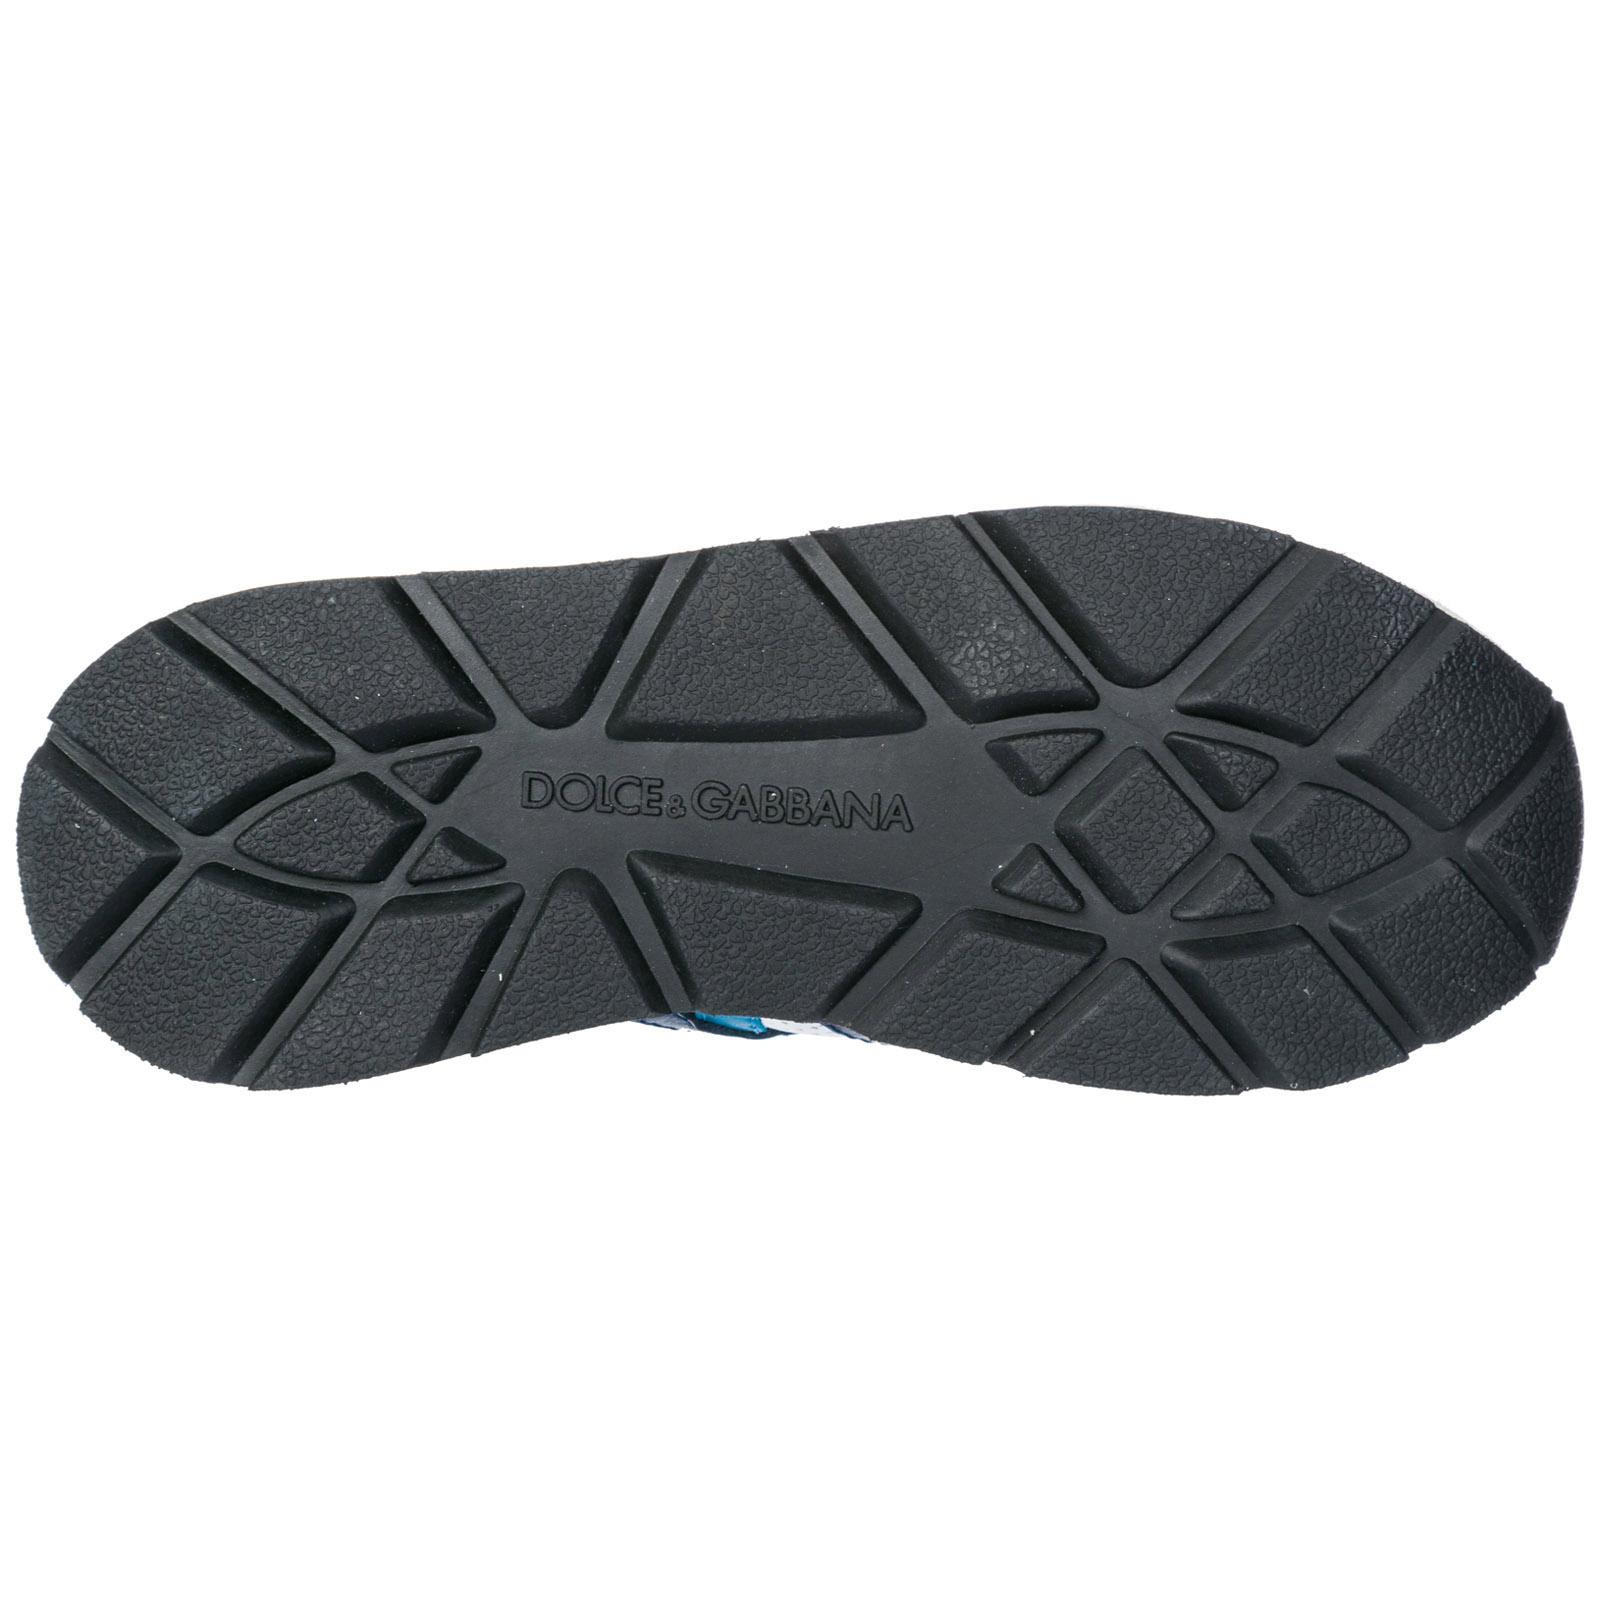 Sneakers Dolce Gabbana DD0314AE9368B934 bianco   turchese  05366907312